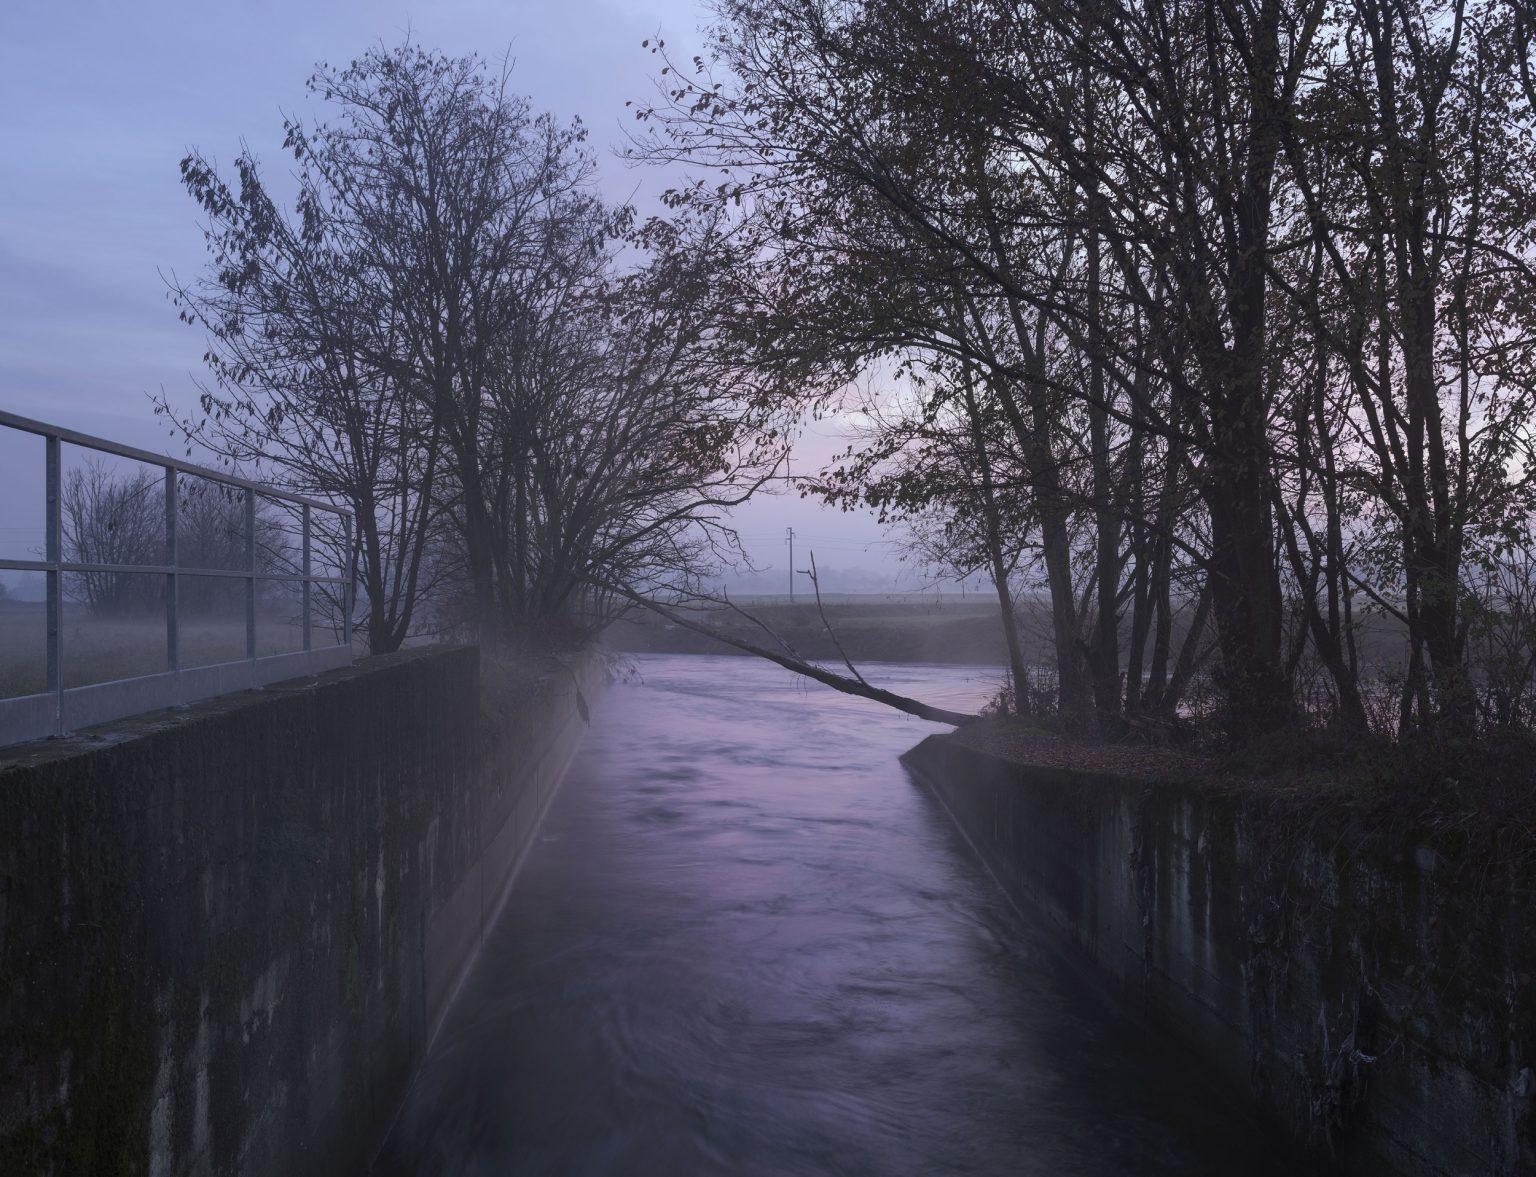 Peschiera Borromeo (Milan), December 2017 - Purifier waste water at the Lambro river. >< Peschiera Borromeo (Milano), dicembre 2017 - Canale di scarico delle acque reflue depurate nel Lambro.   *** Local Caption *** 01127425